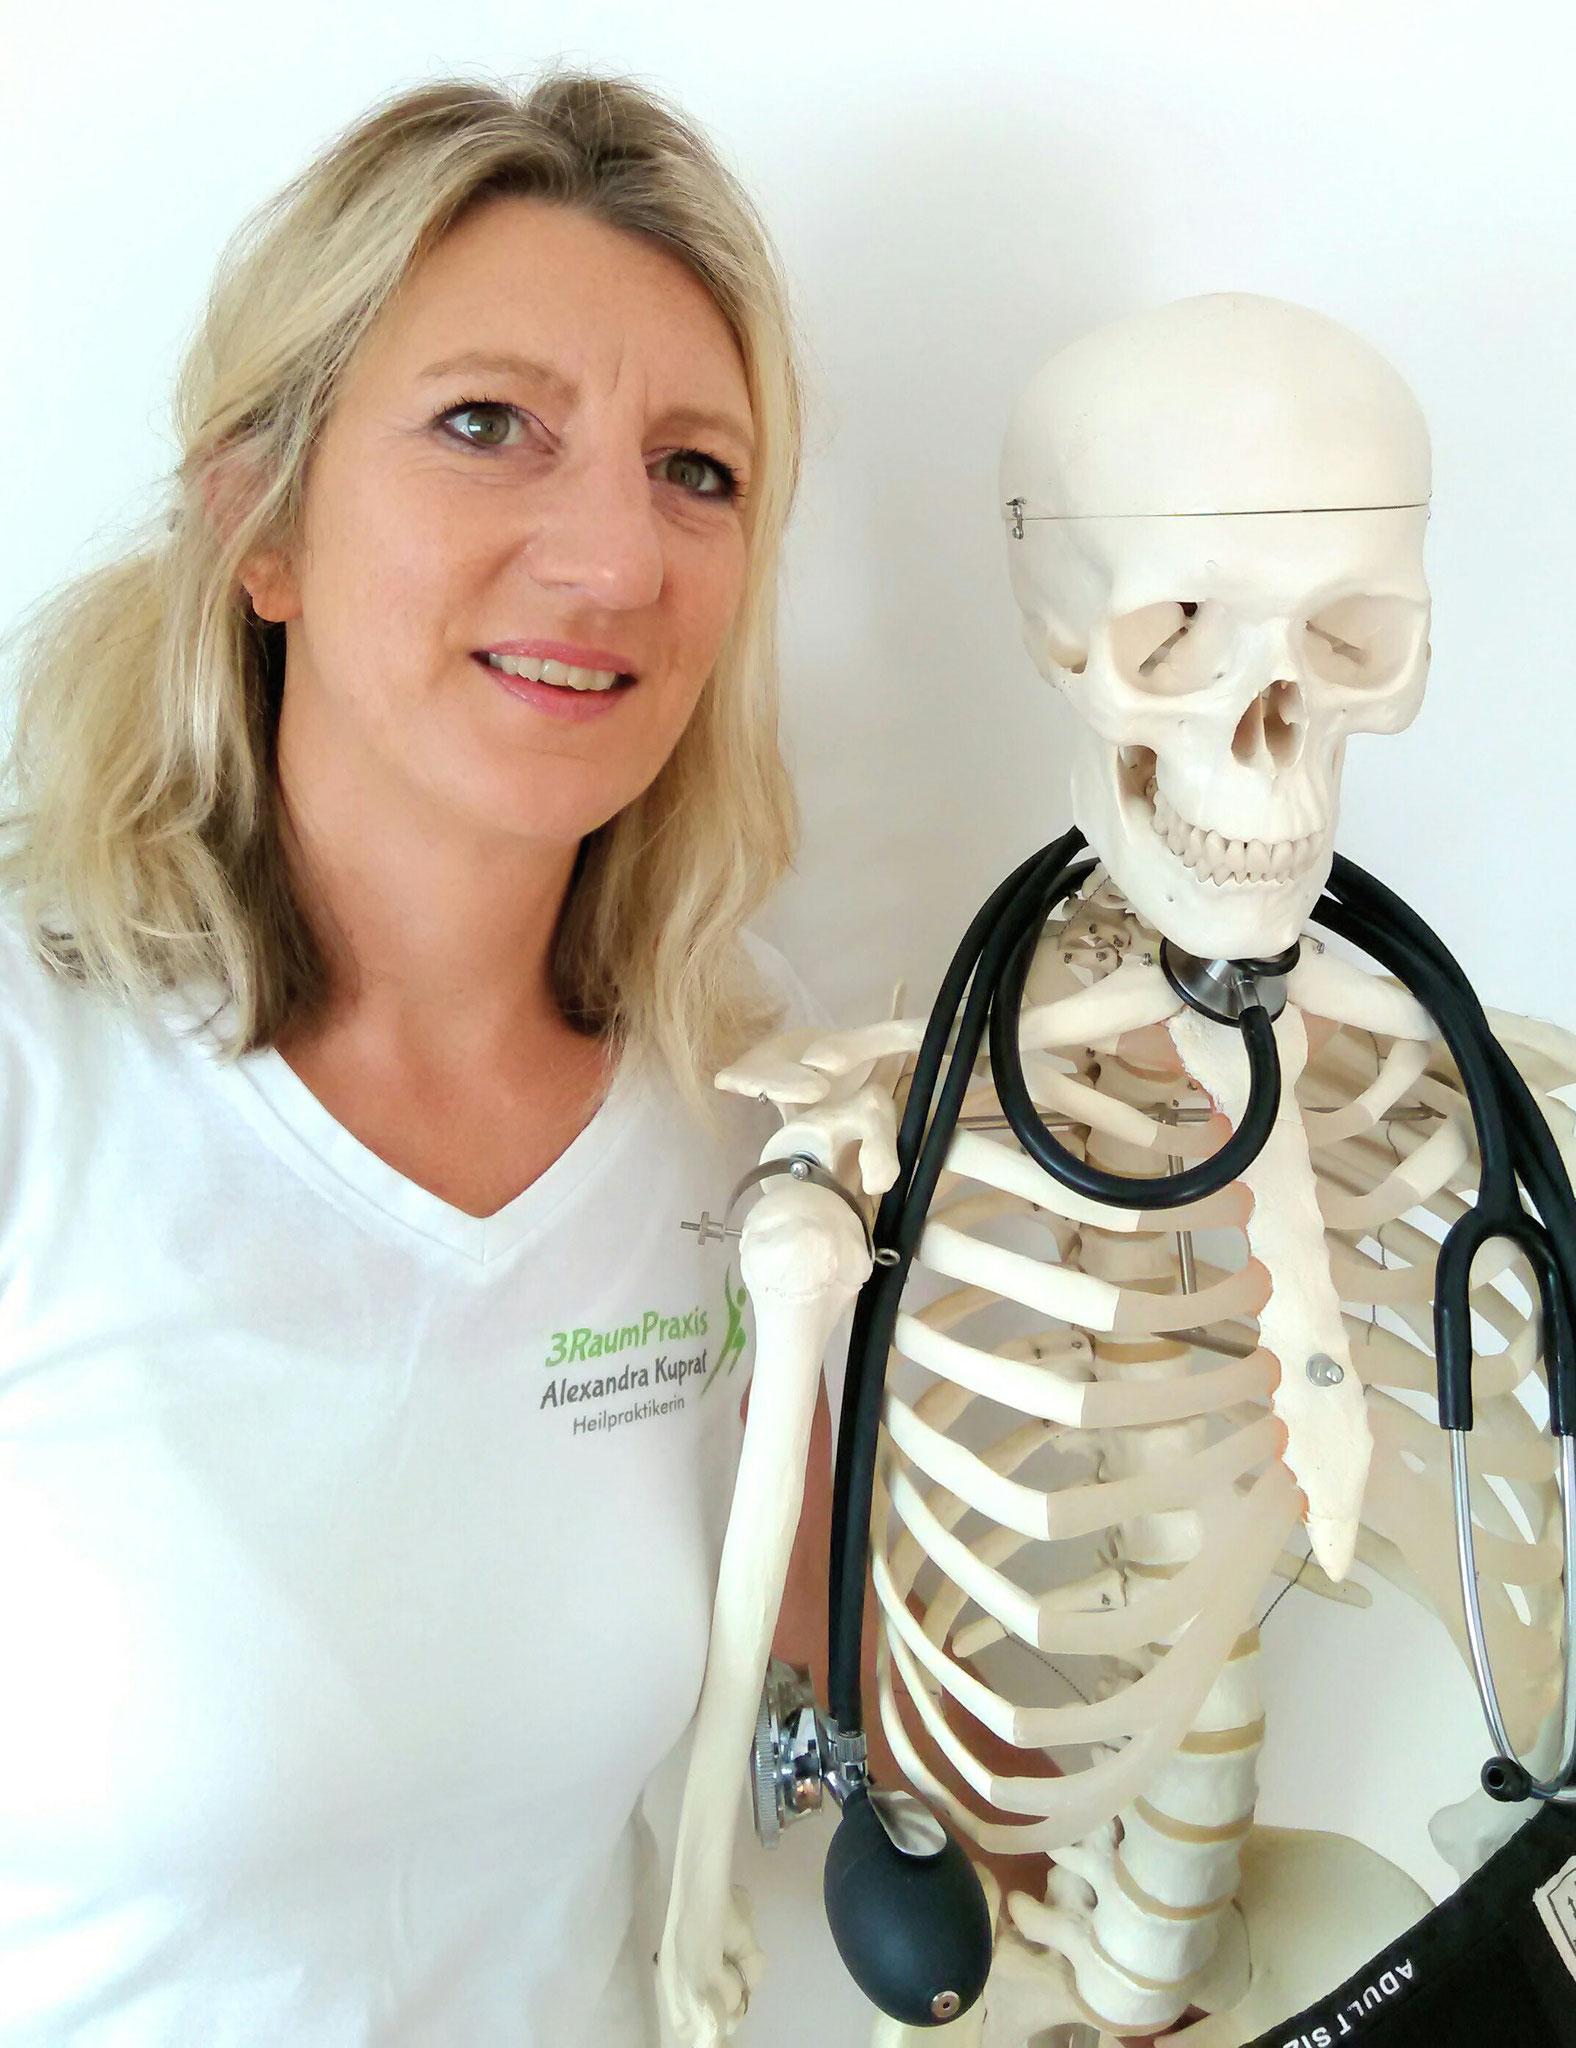 Alexandra Kuprat, Heilpraktikerin, Dozentin für Faszien-Therapie